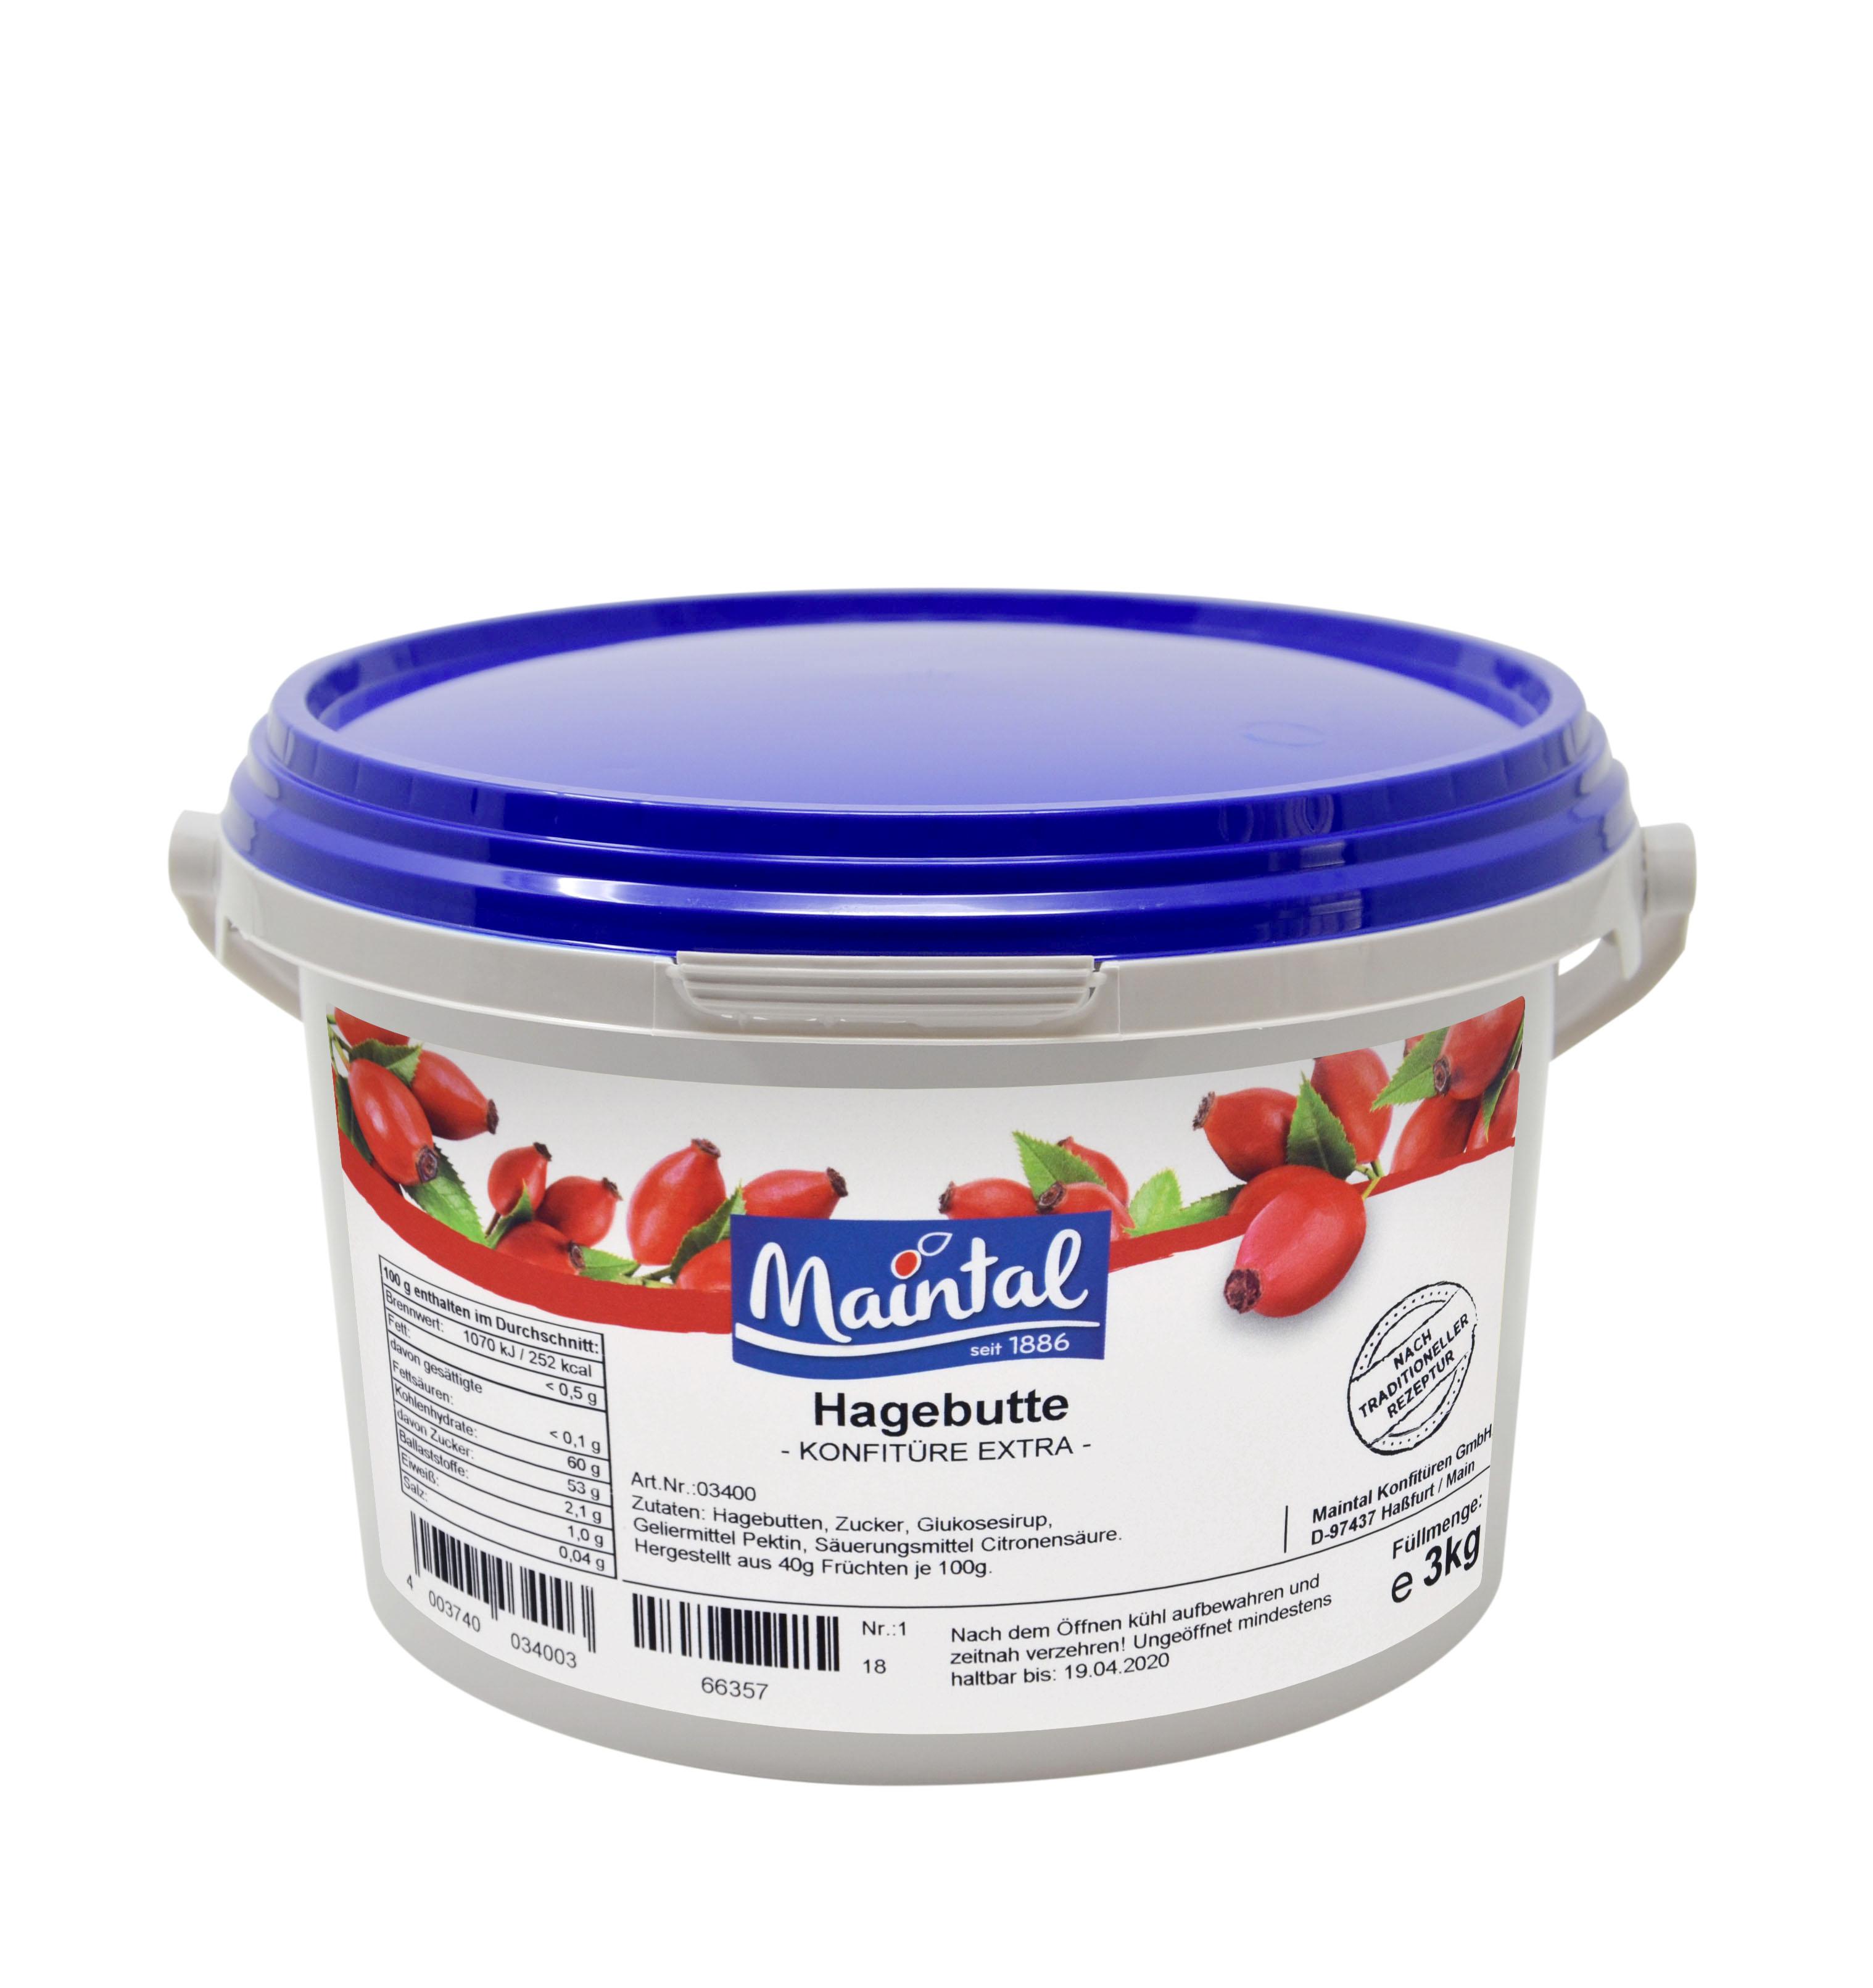 Šípkový džem - kbelík 3kg